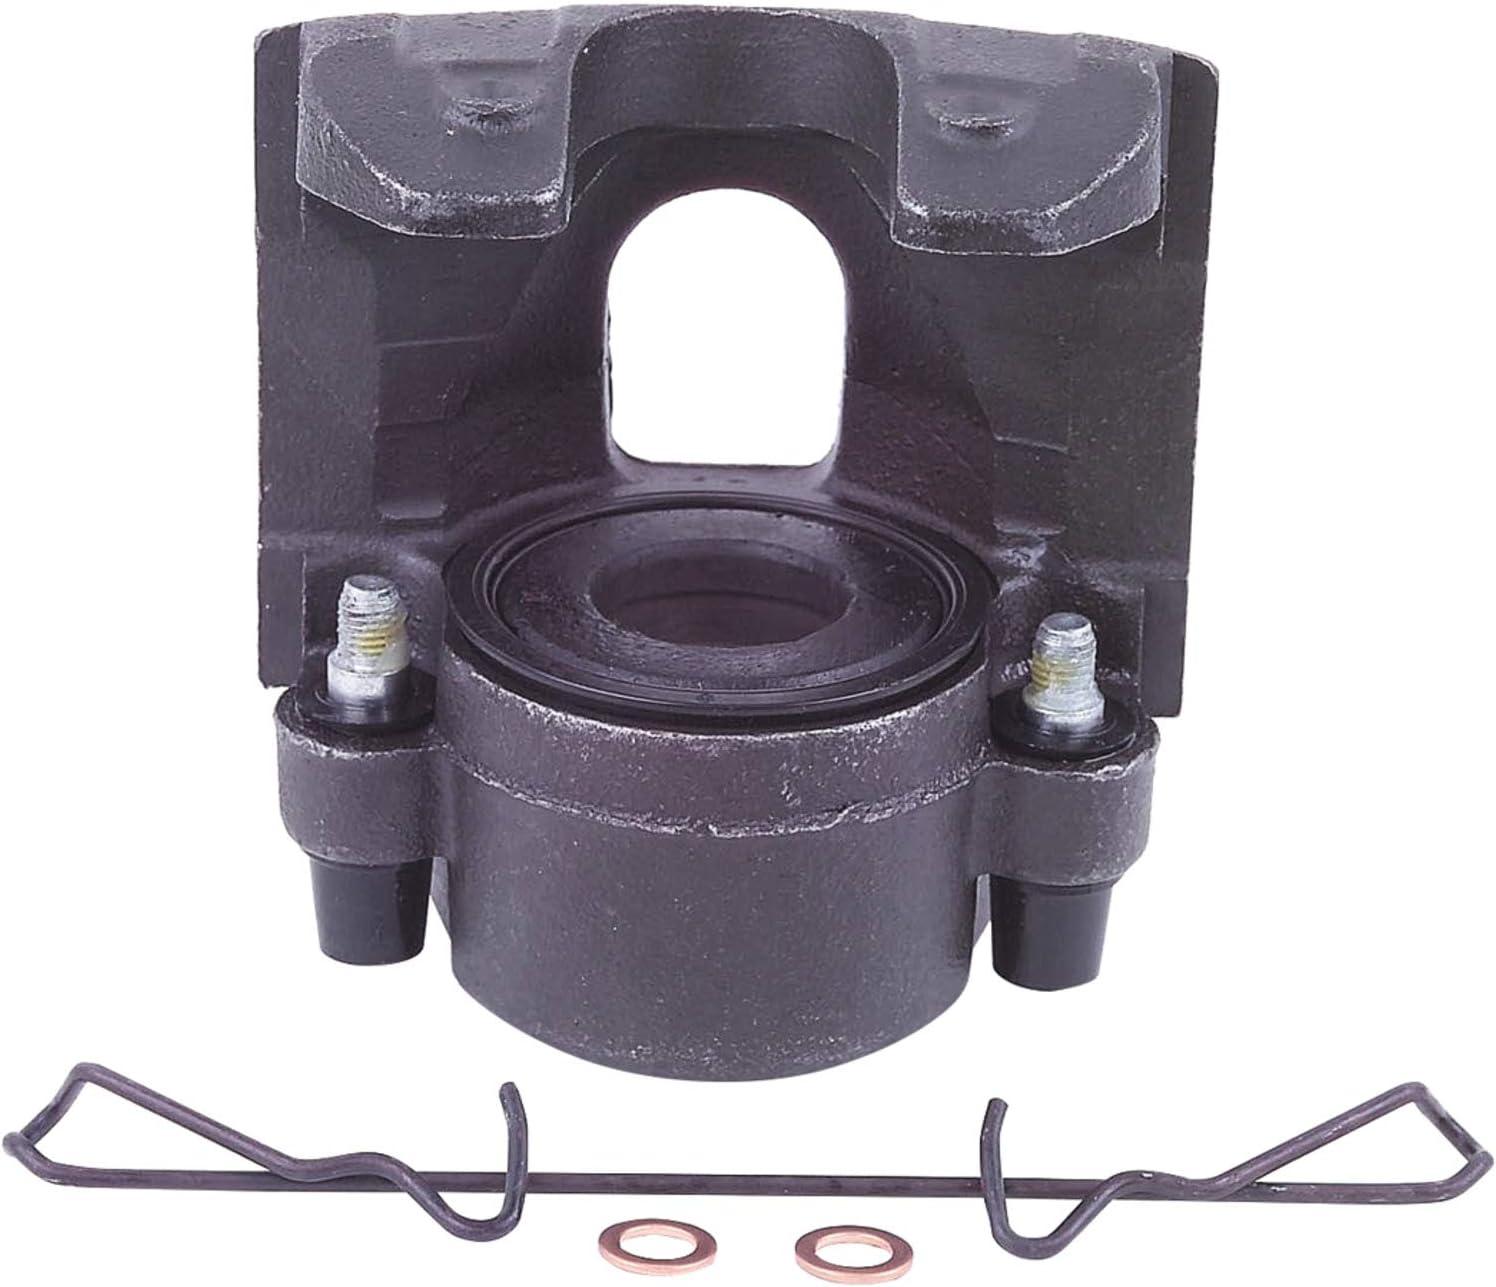 Cardone 18-4365 Remanufactured Unloaded trust Disc Brake Caliper Max 71% OFF